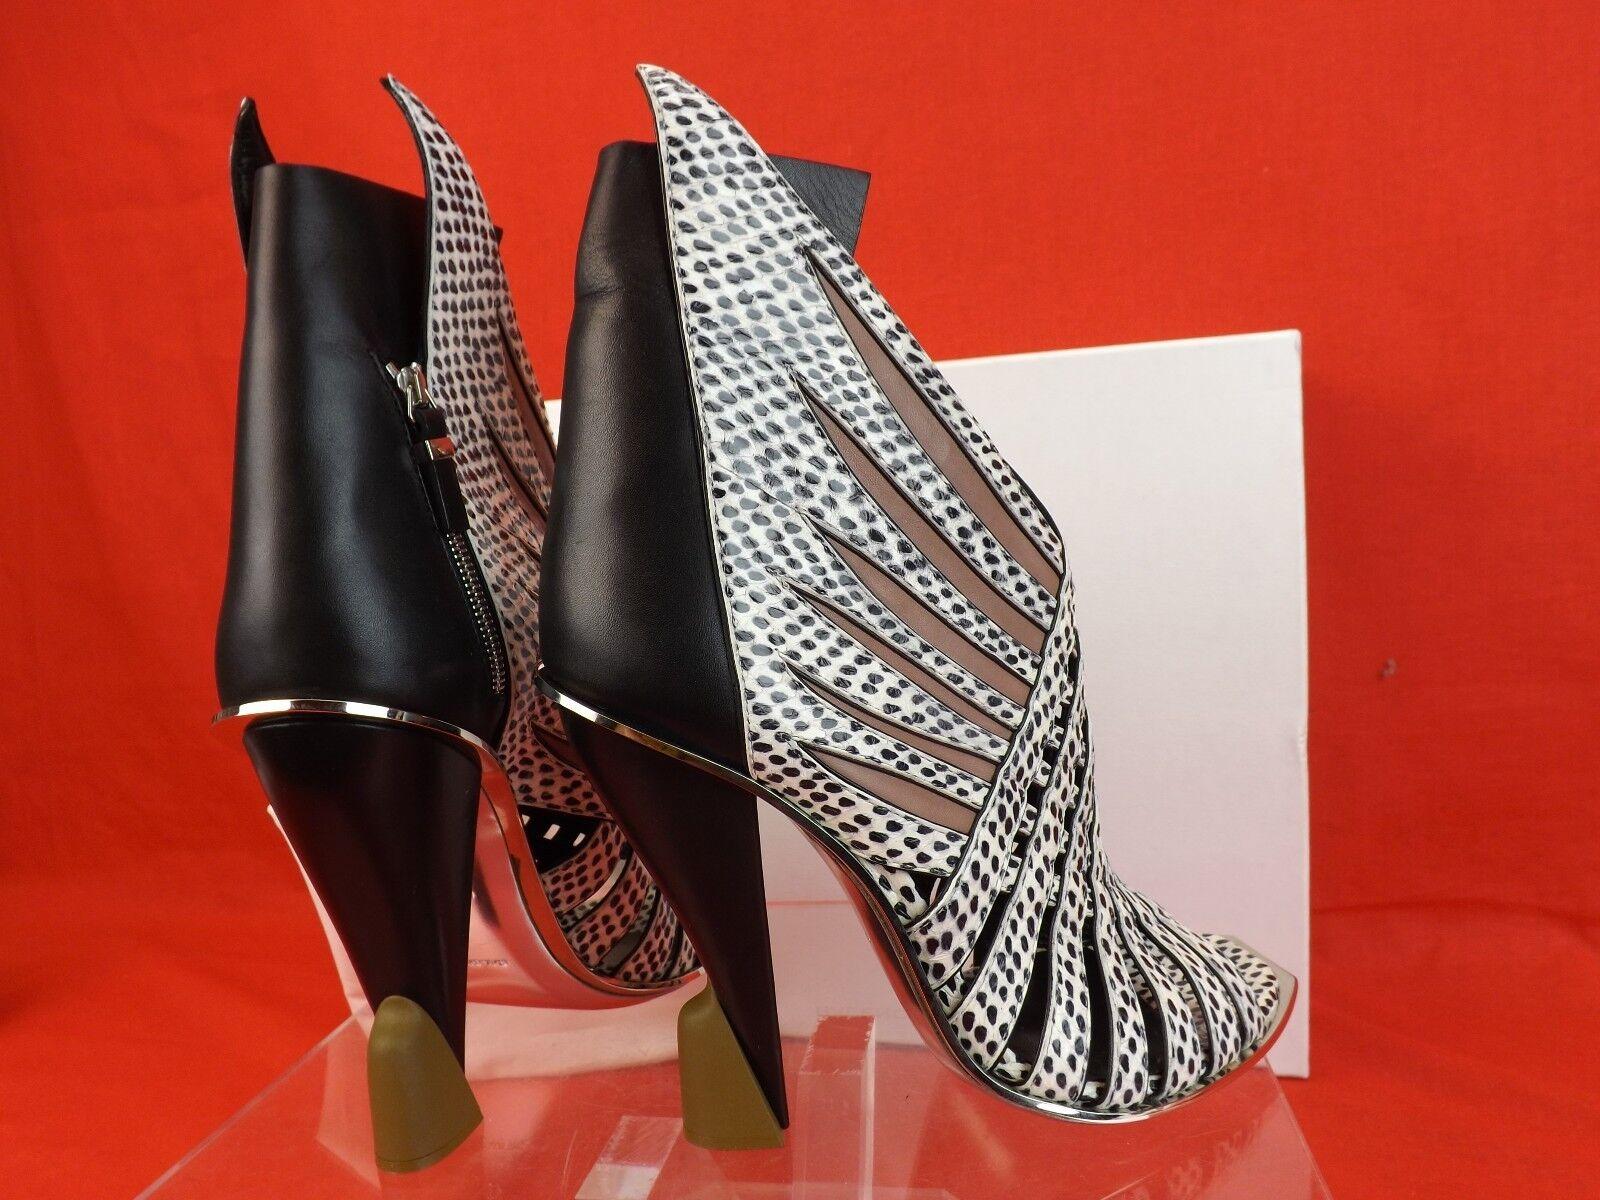 Nuevo En Caja Balenciaga Multi Color bombas Python Tejido alas escultura Tacones bombas Color 39.5  3K 469edf